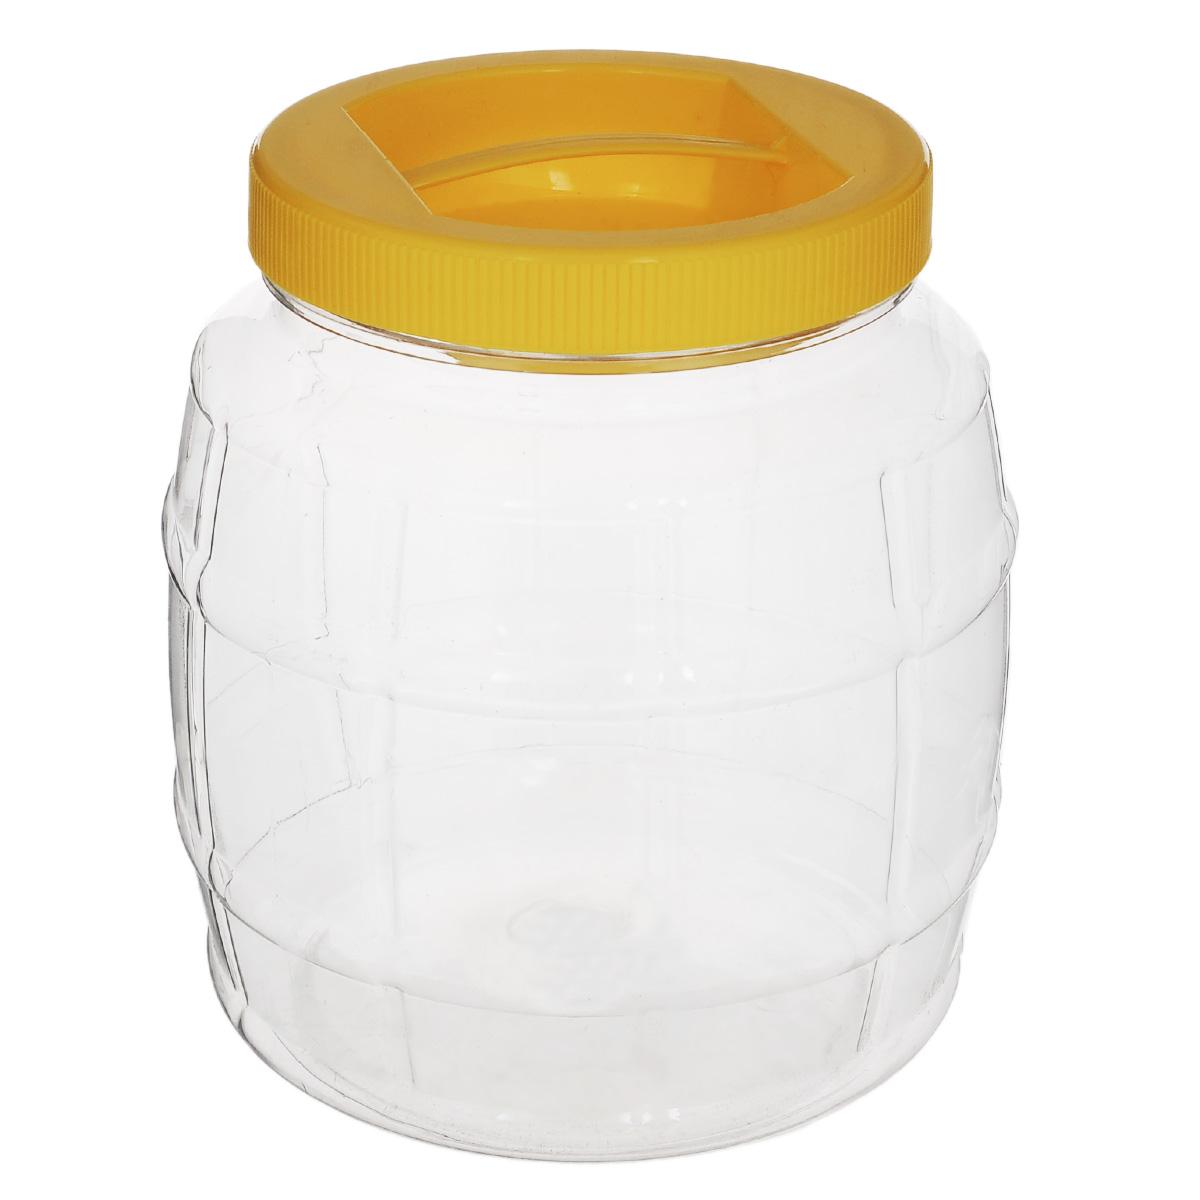 Емкость Альтернатива Бочонок, с ручкой, цвет: желтый, 2 лМ689Емкость Альтернатива Бочонок предназначена для хранения сыпучих продуктов или жидкостей. Выполнена из высококачественного пластика. Оснащена ручкой для удобной переноски. Диаметр: 10,5 см. Высота (без учета крышки): 15,5 см.